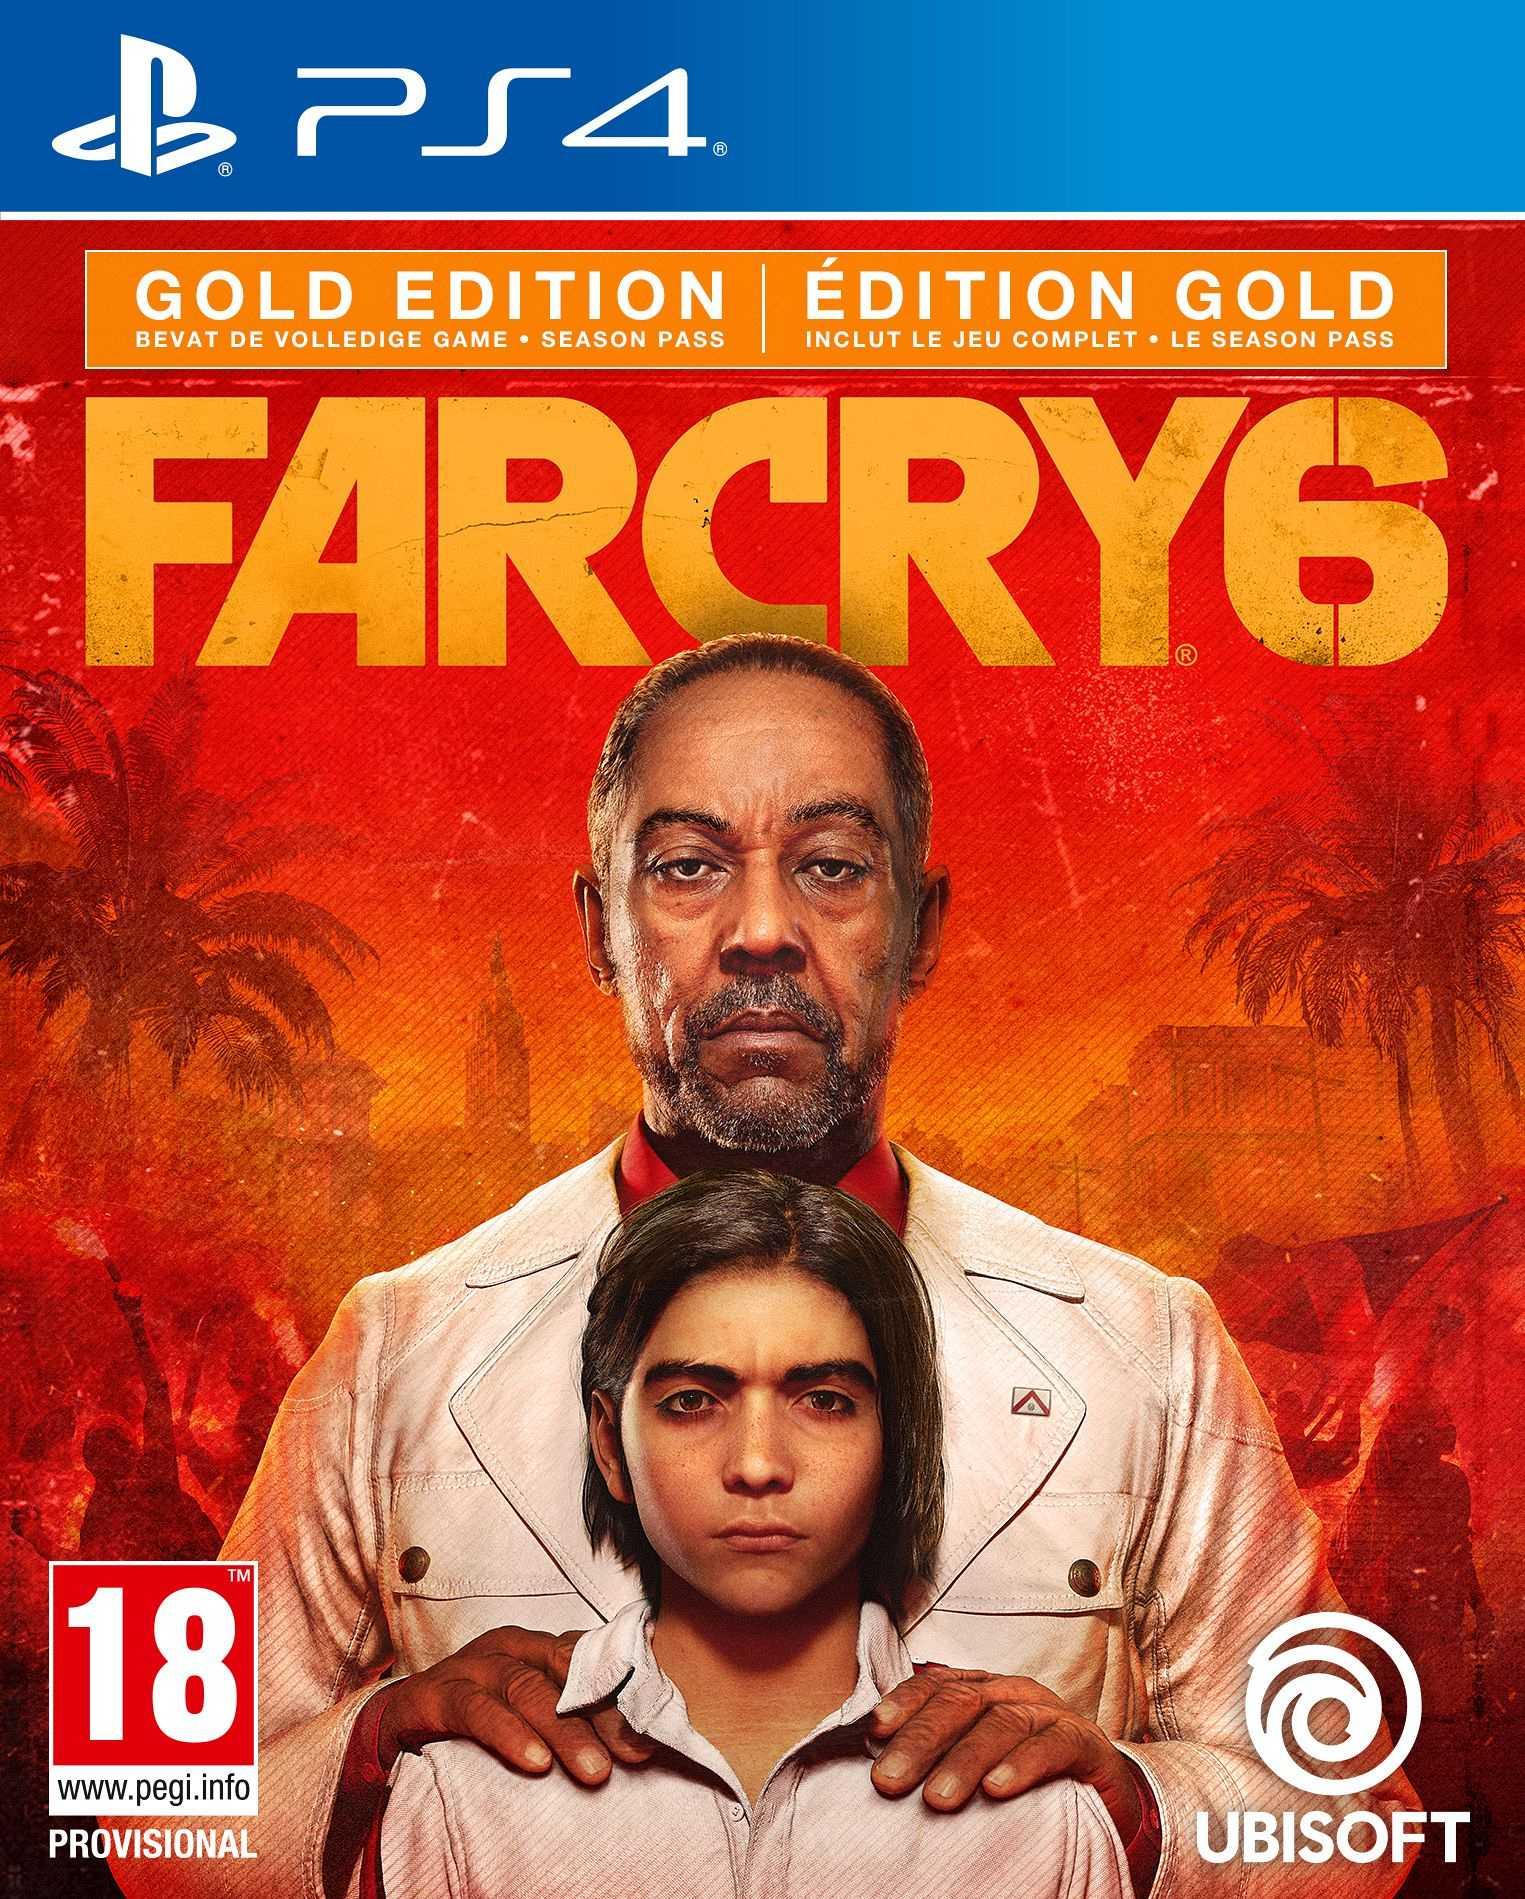 Far Cry 6 - Playstation 4 : Gold Edition